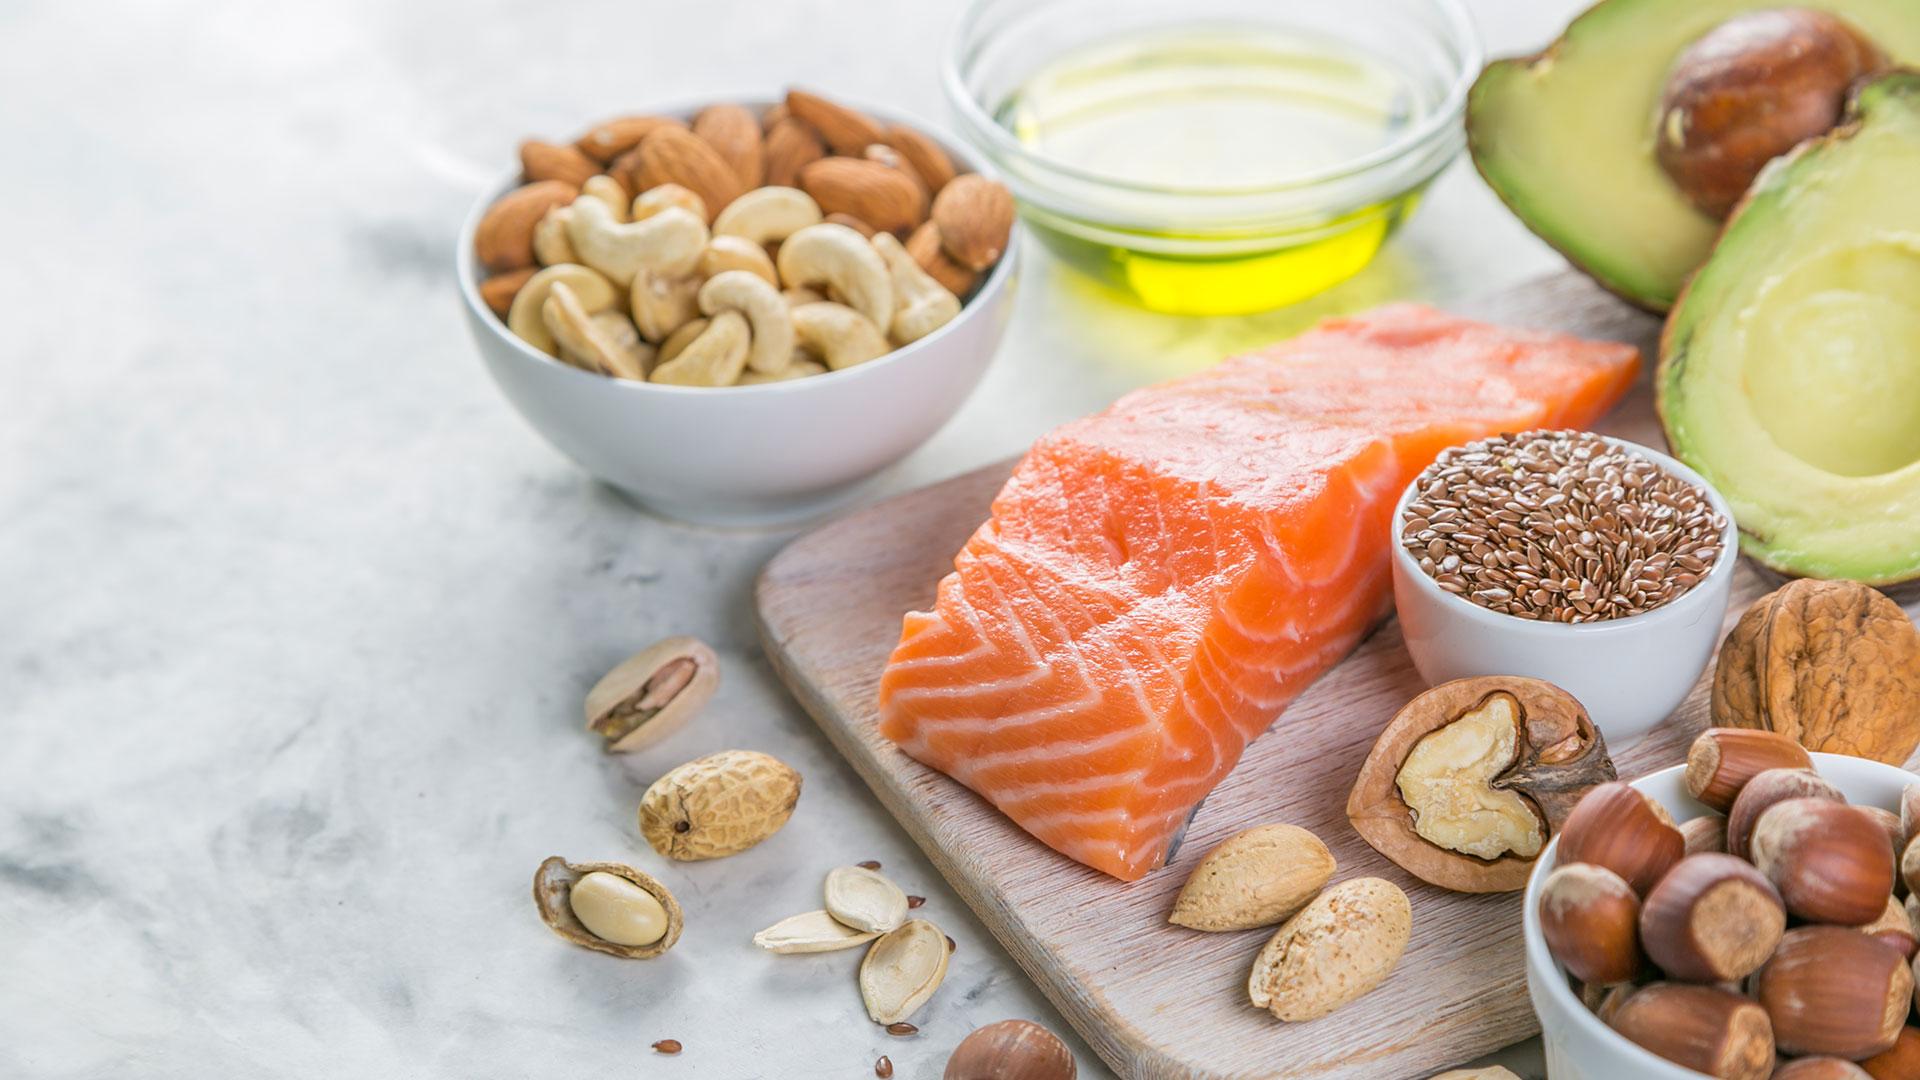 dieta cetogenica articulos cientificos 2020